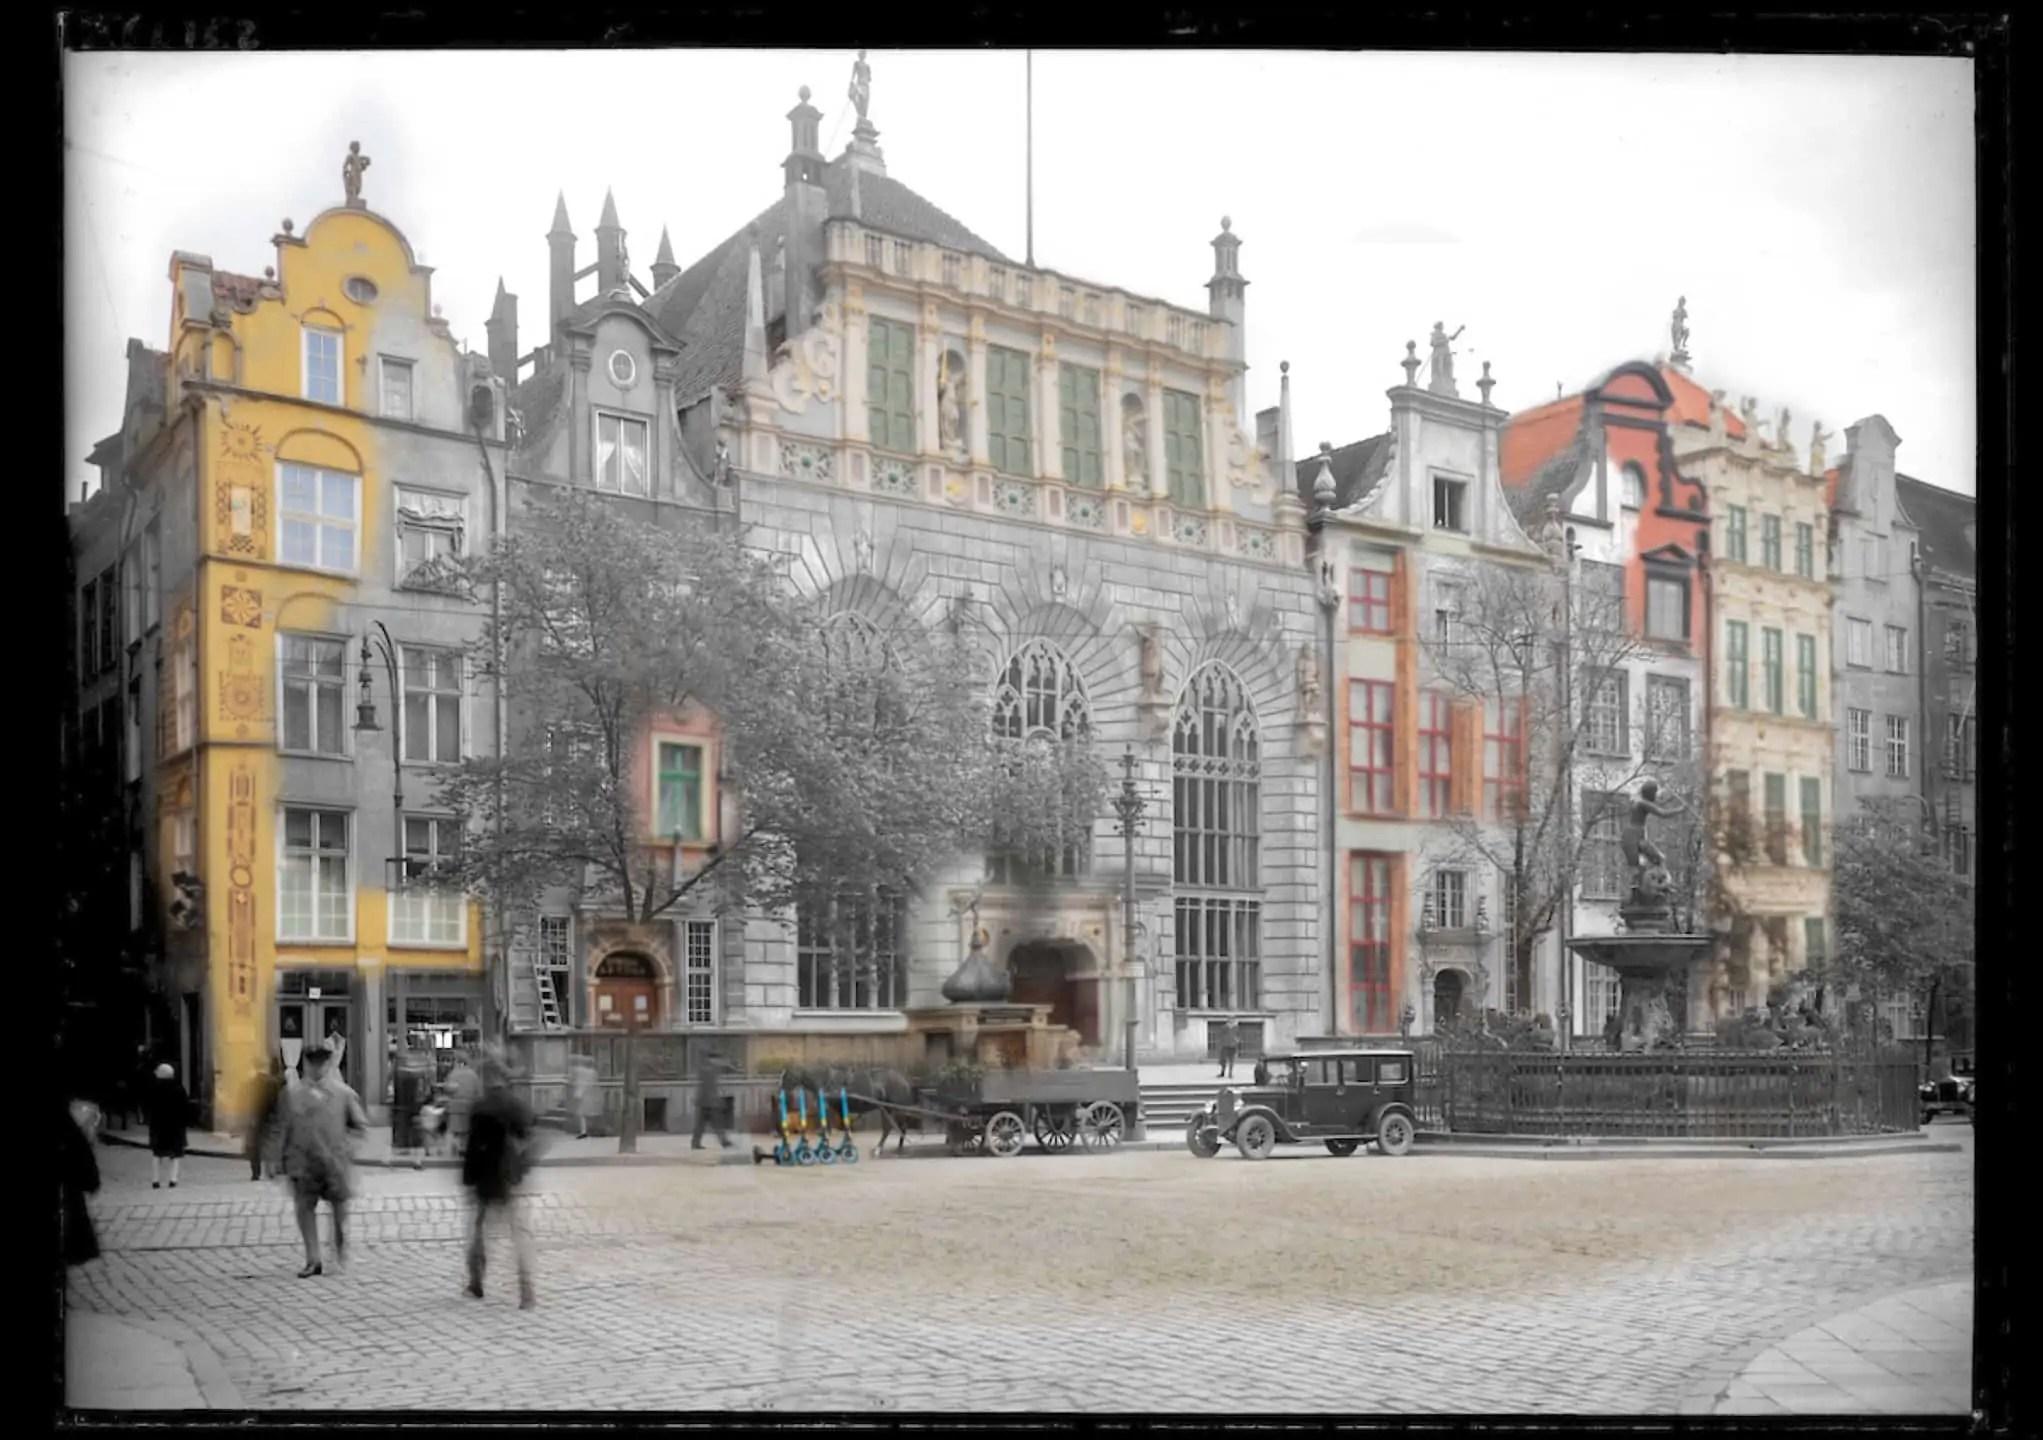 Zdjecia starego Gdanska Dwor Artusa i Neptun IS PAN 0000023149 - Zdjęcia starego Gdańska. Kompozycja w 5 prostych krokach !